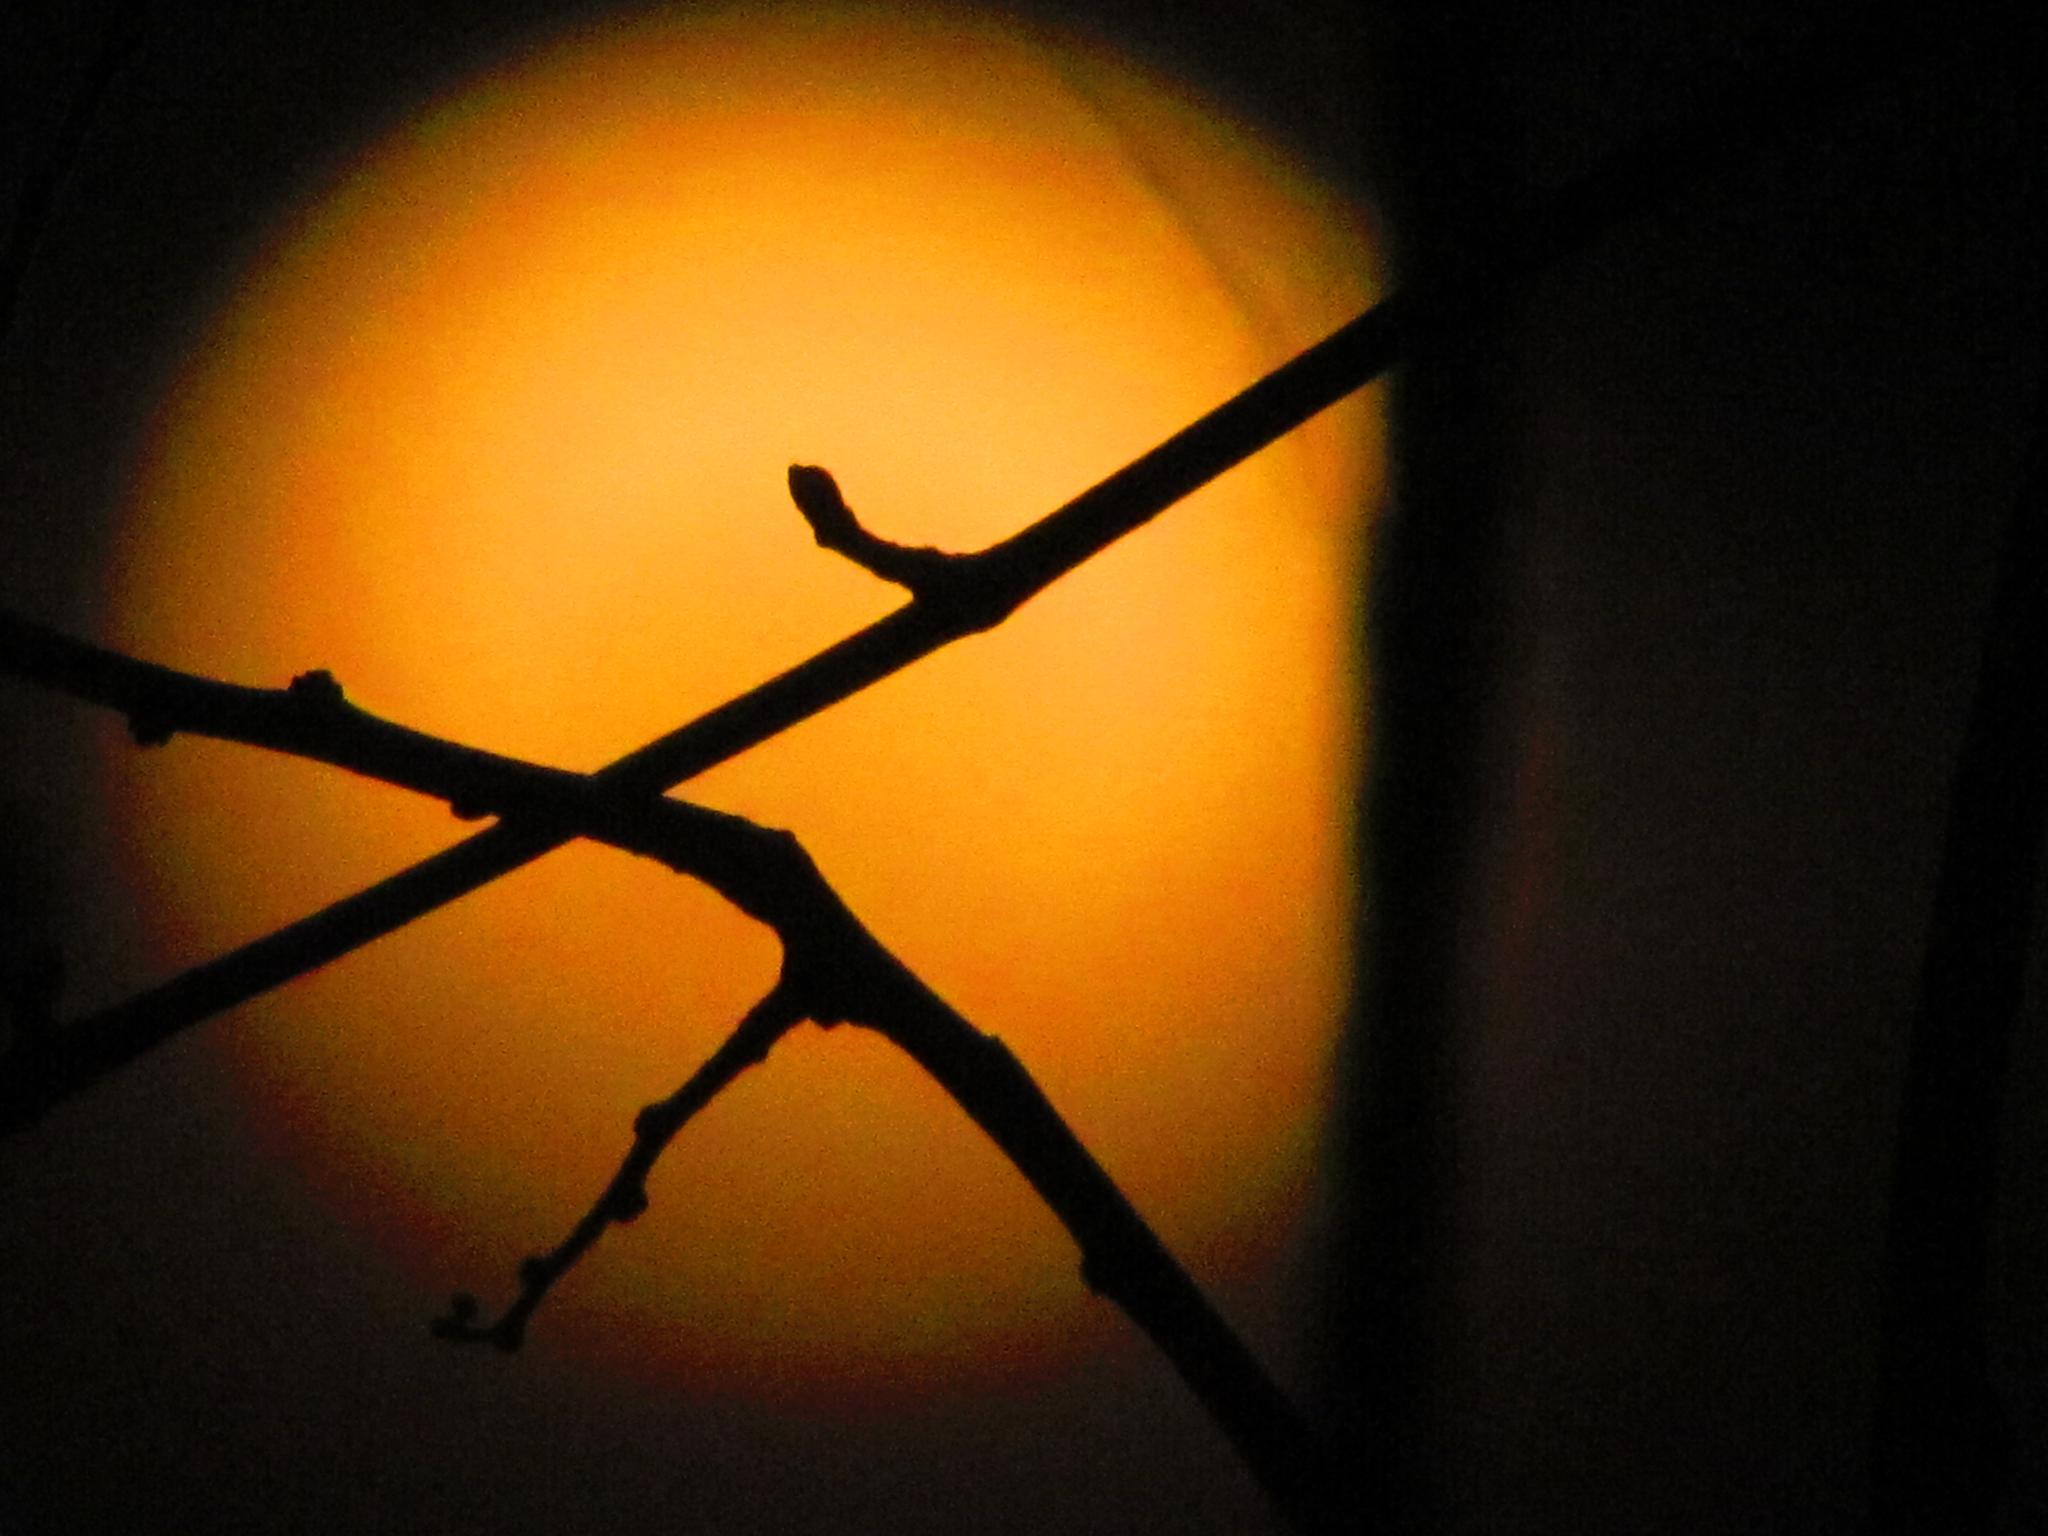 Tonight's moon-1 by jaisikand